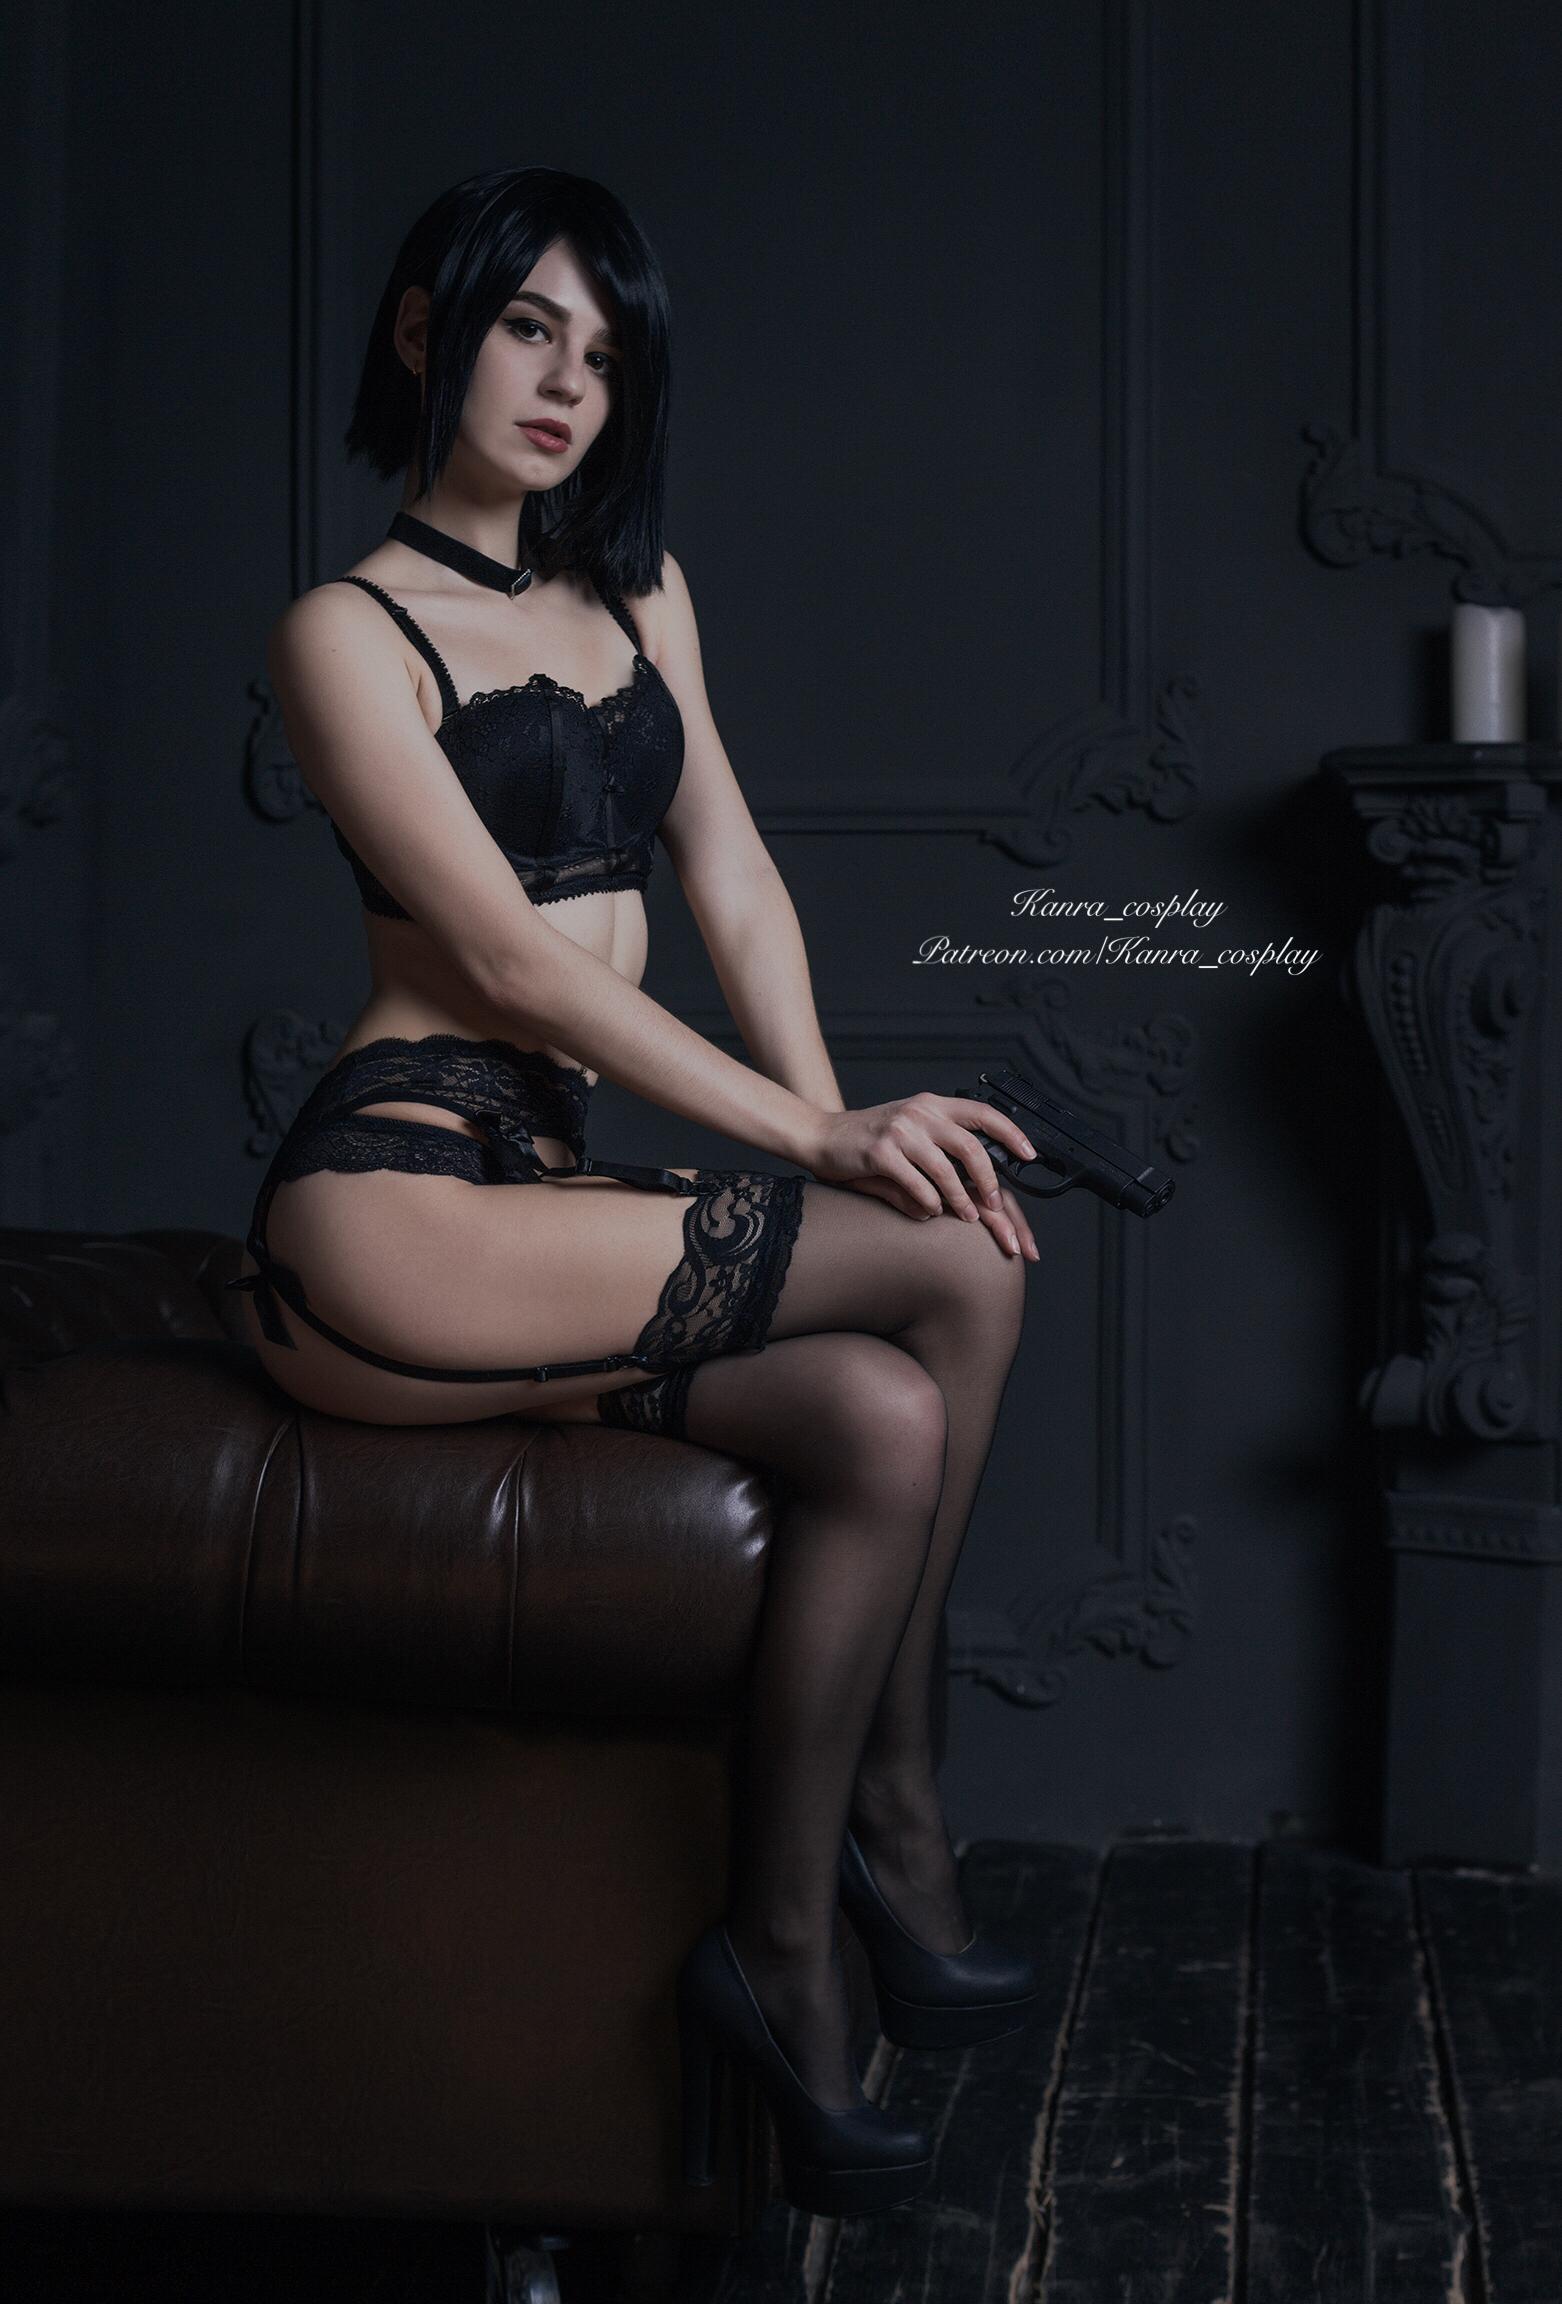 Kanra_cosplay As Ada Wong